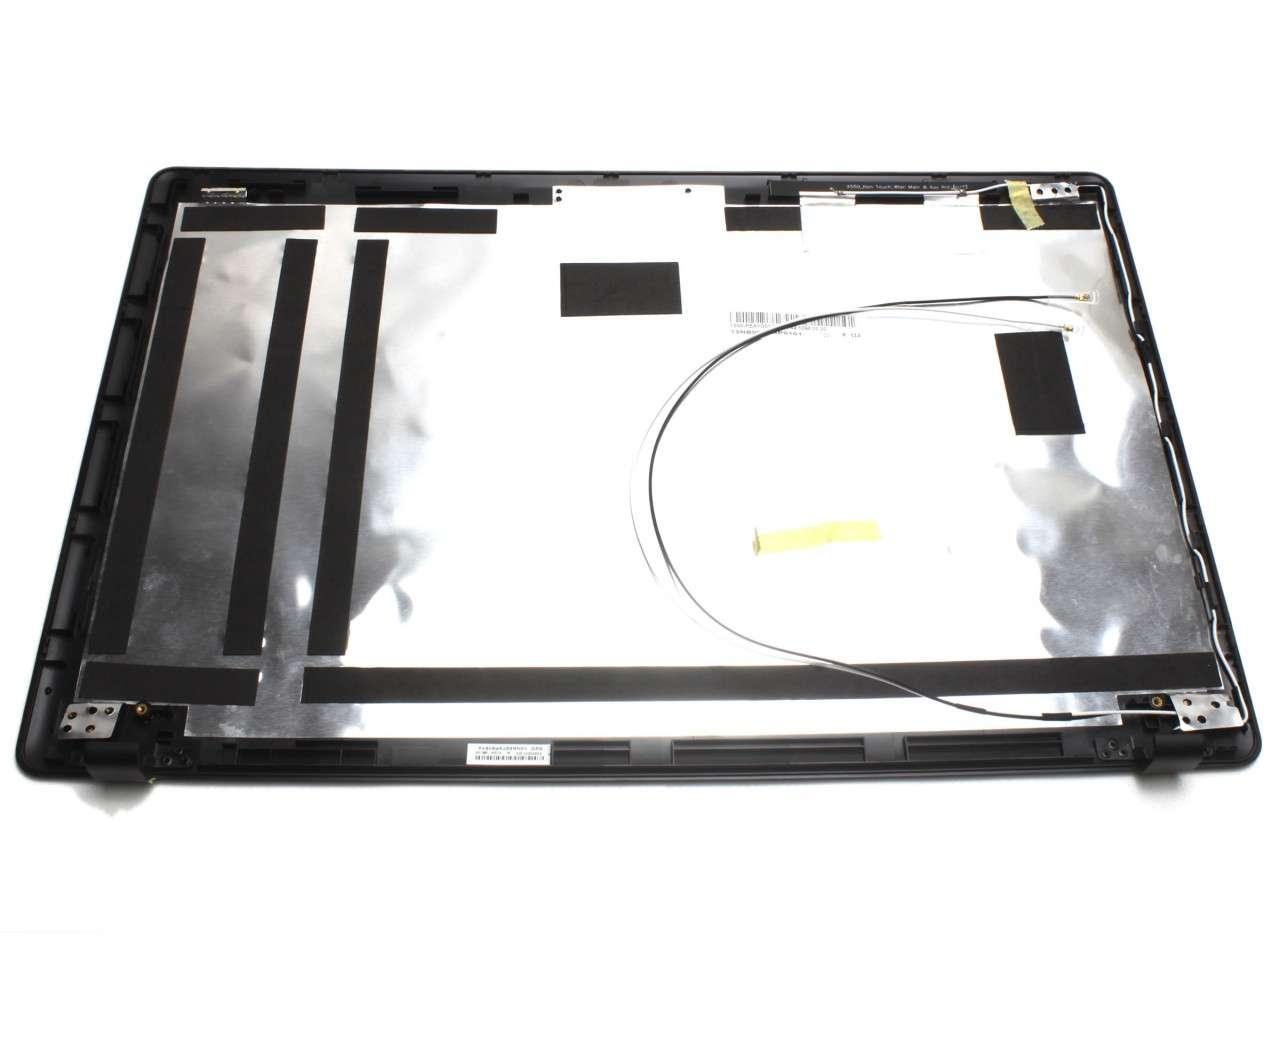 Capac Display BackCover Asus 13N0 PPA0111 Carcasa Display imagine powerlaptop.ro 2021